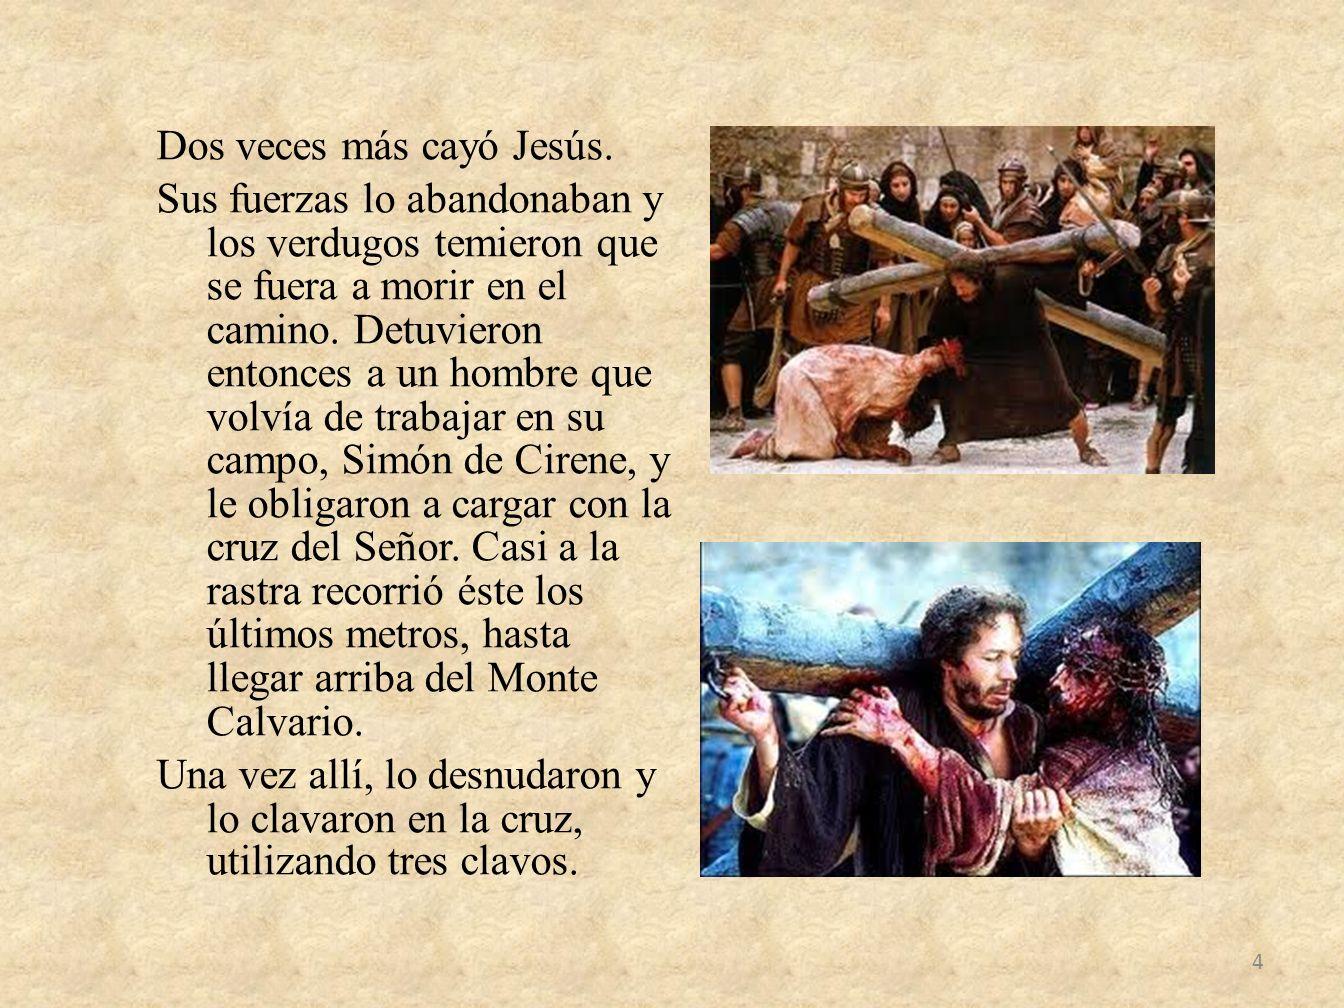 Dos veces más cayó Jesús. Sus fuerzas lo abandonaban y los verdugos temieron que se fuera a morir en el camino. Detuvieron entonces a un hombre que vo